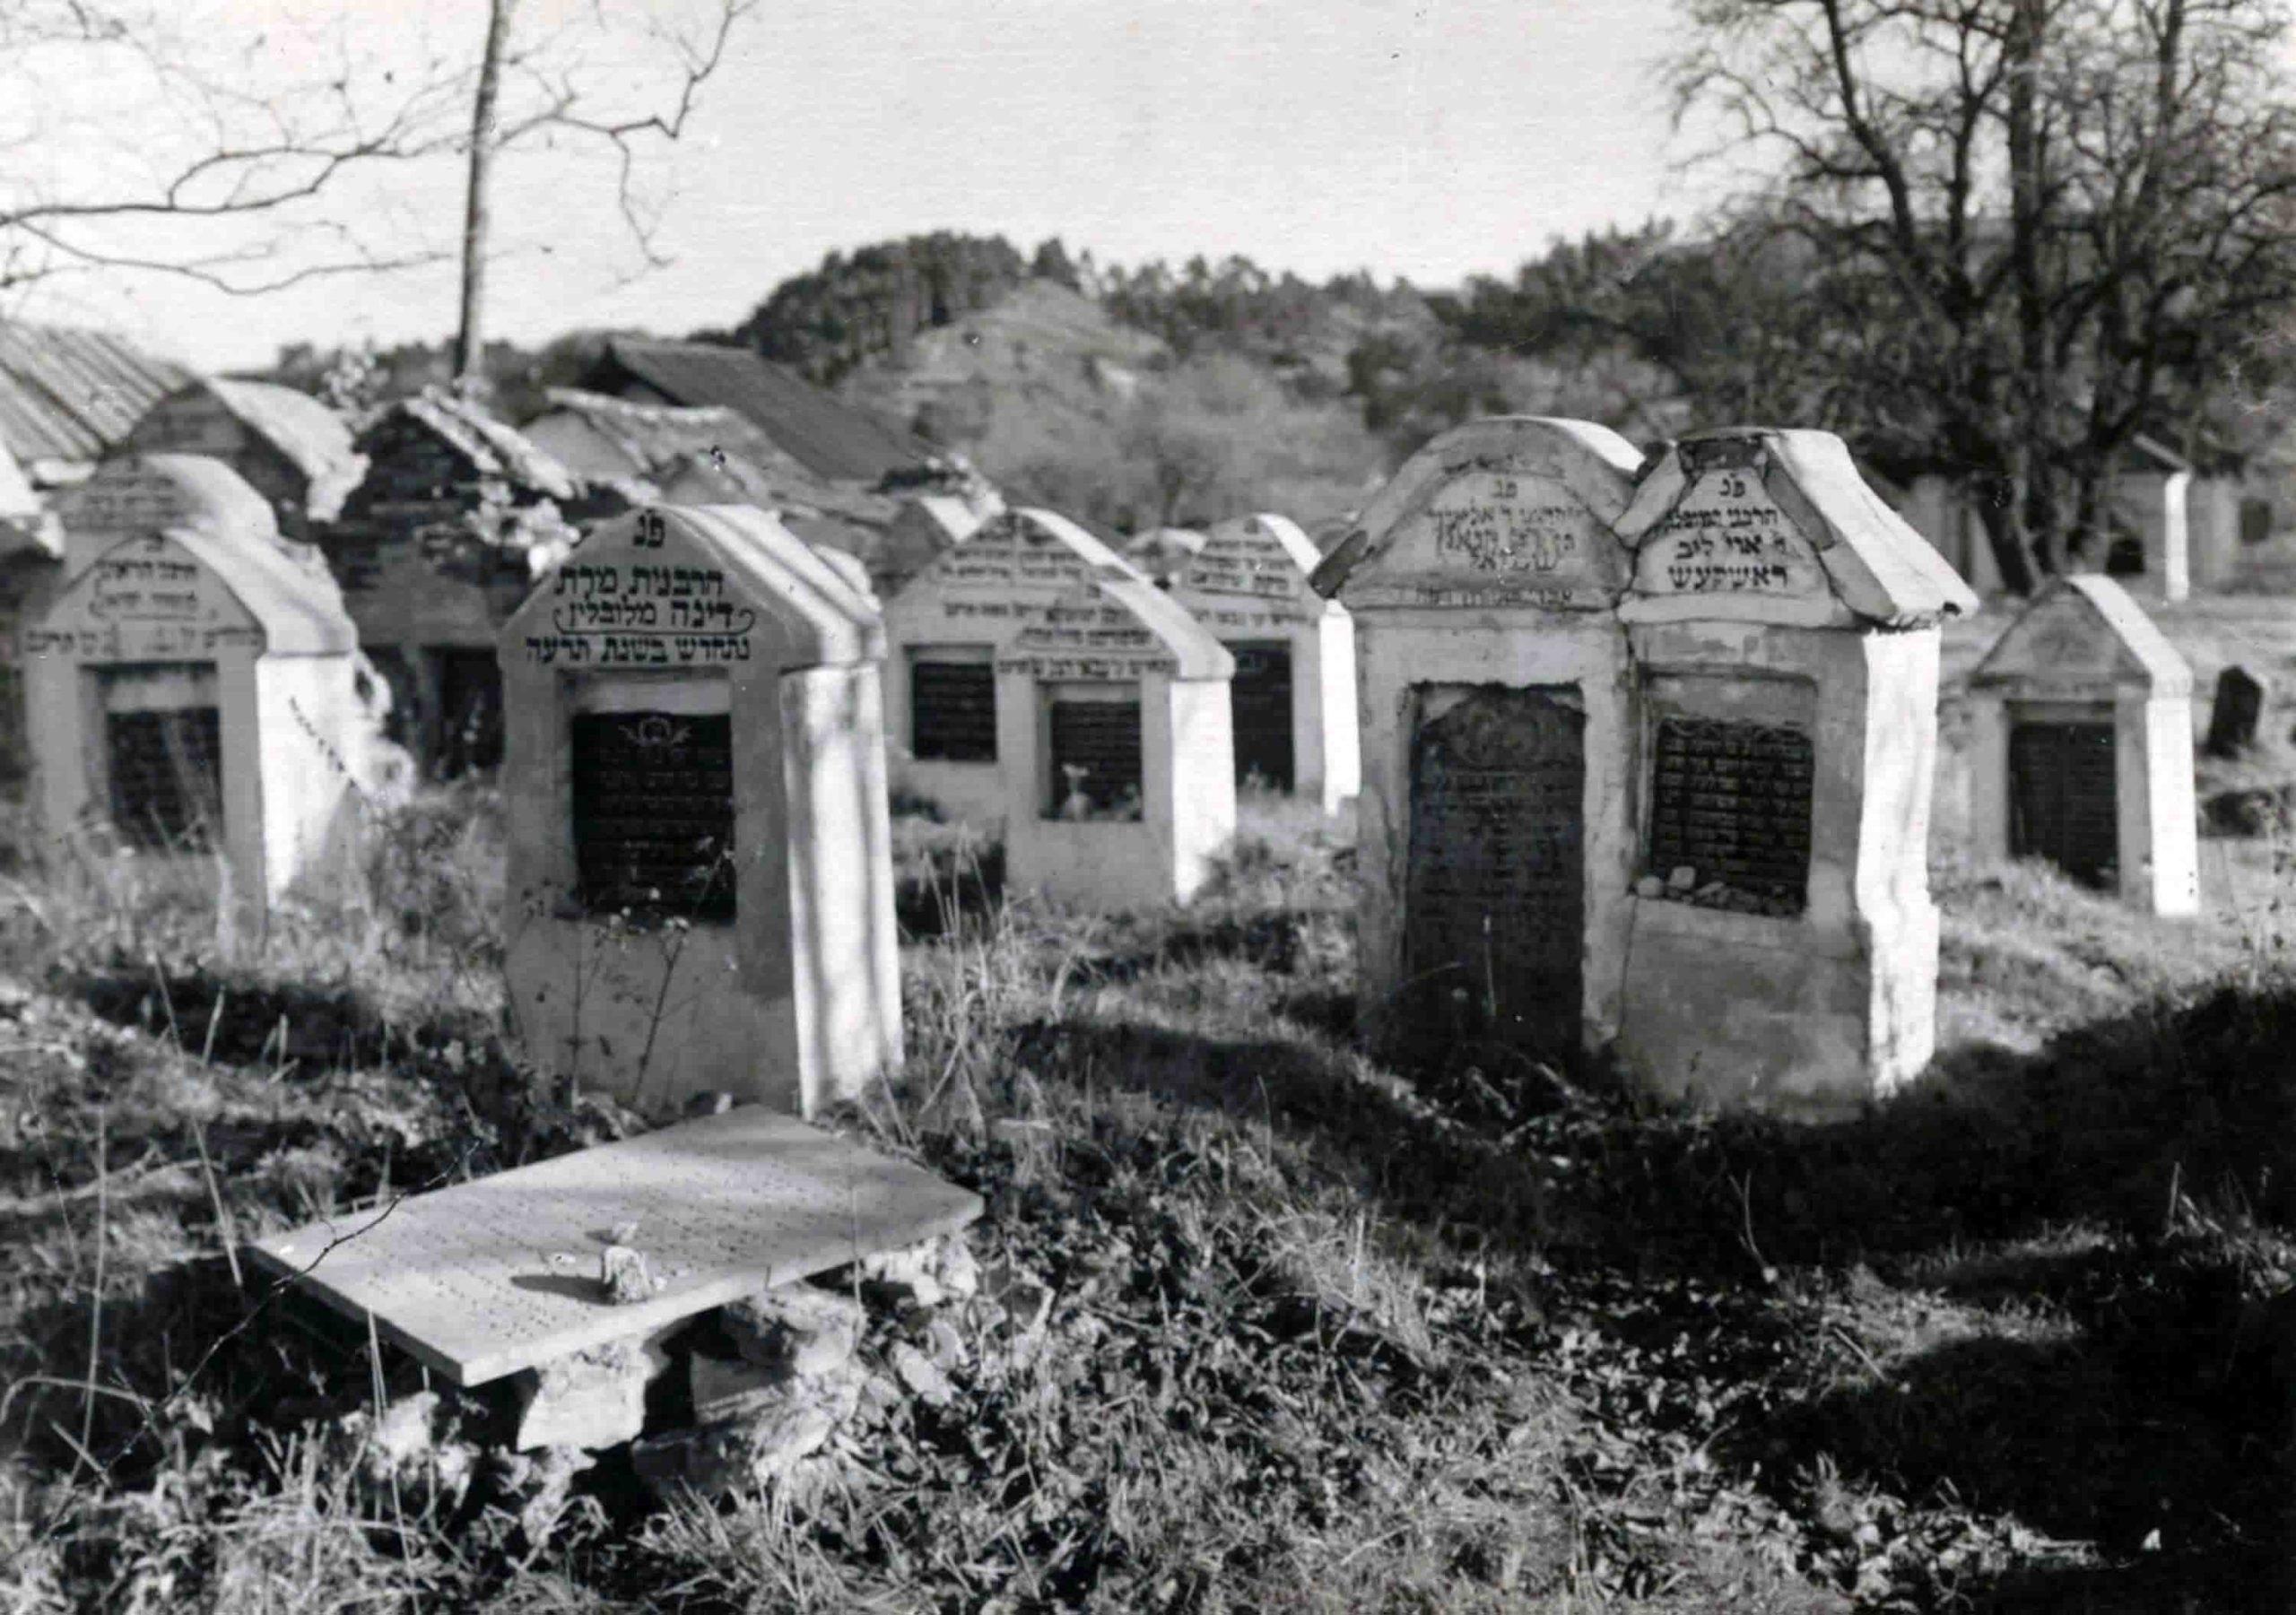 Fotografo Jano Bulhako 1913 m. senųjų Žydų kapinių Šnipiškėse antkapių nuotrauka | LMAVB_RSS-SFg-2404-5-7 nuotr.